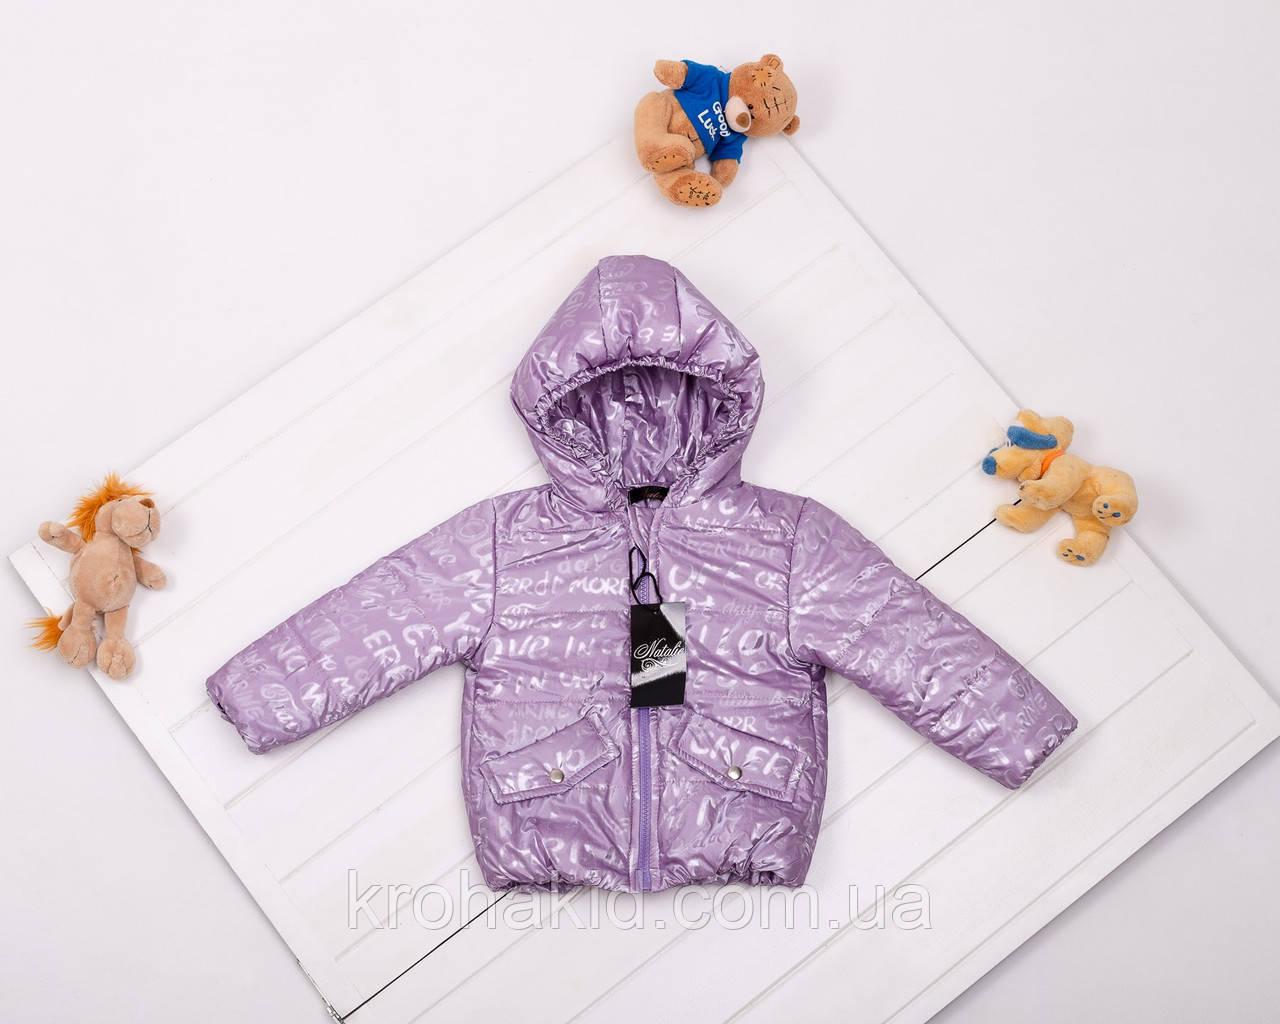 Демісезонна дитяча курточка 3D плащівка ( 86, 92, 98, 104, 110, 116, 122, 128, 134 )